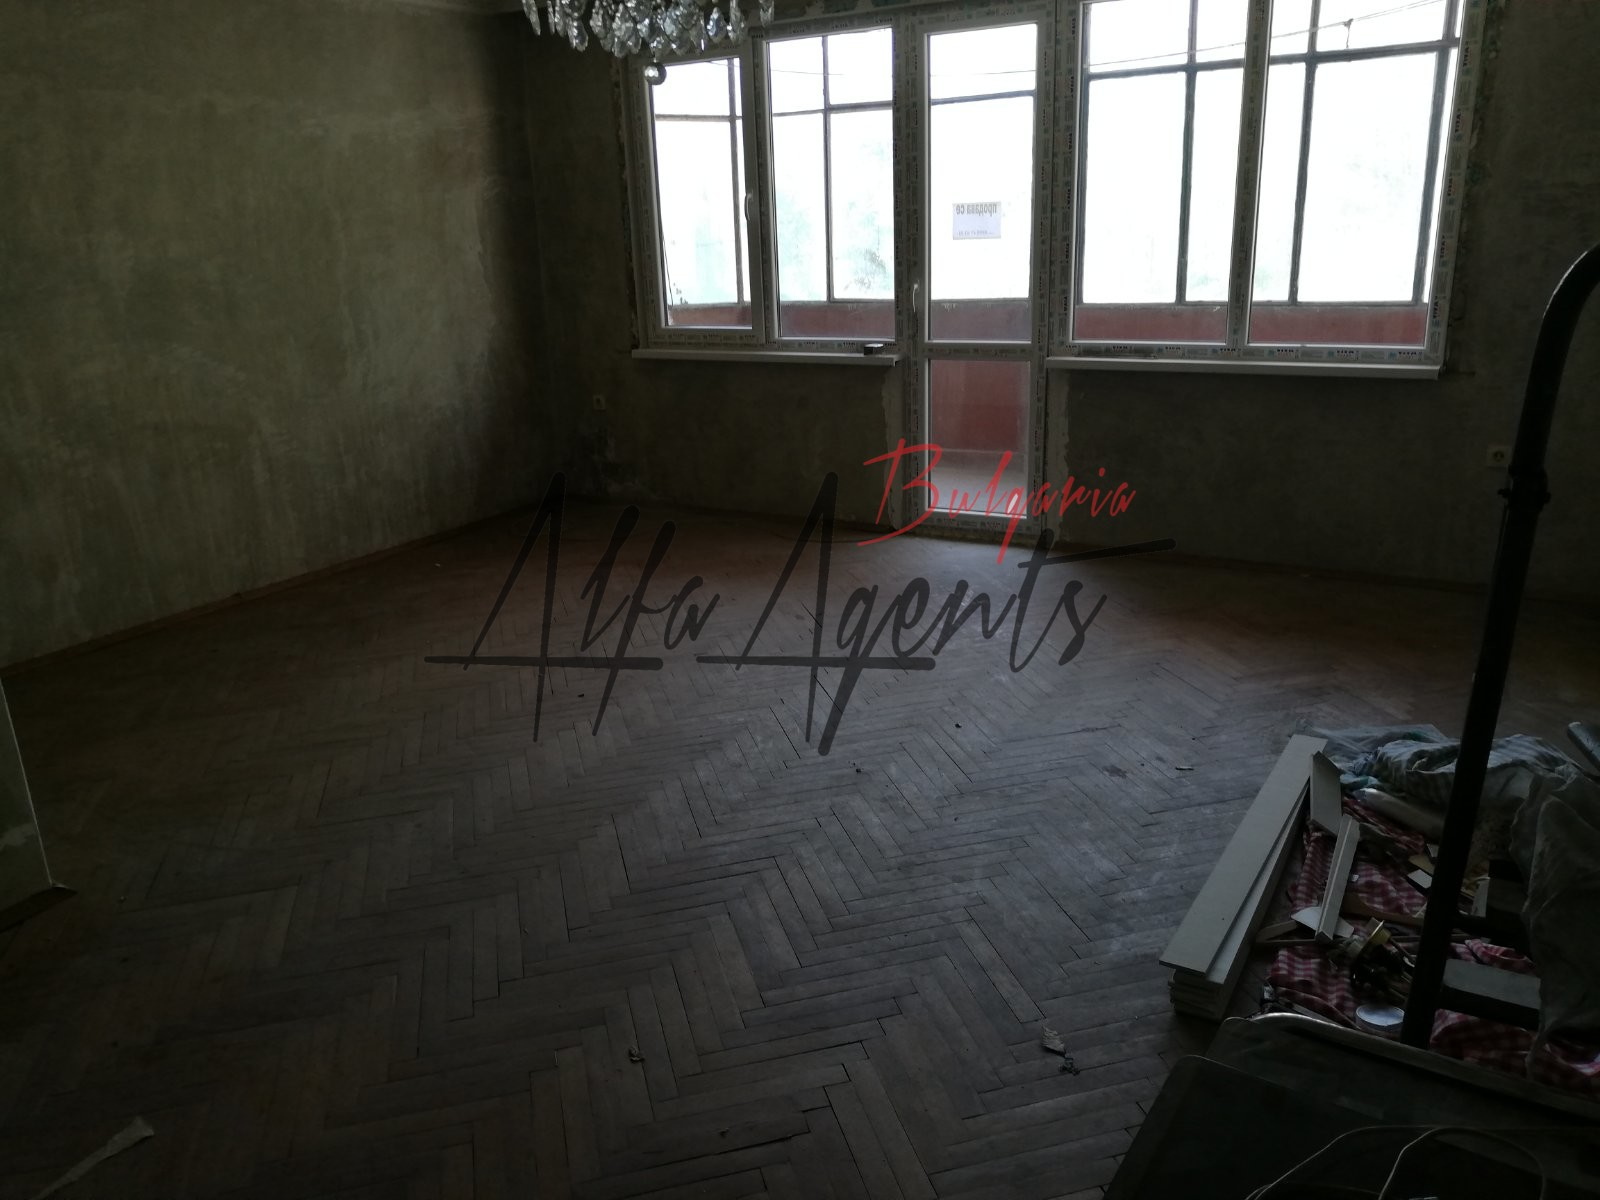 Алфа Агенти недвижими имоти Варна | Тристаен, Трошево